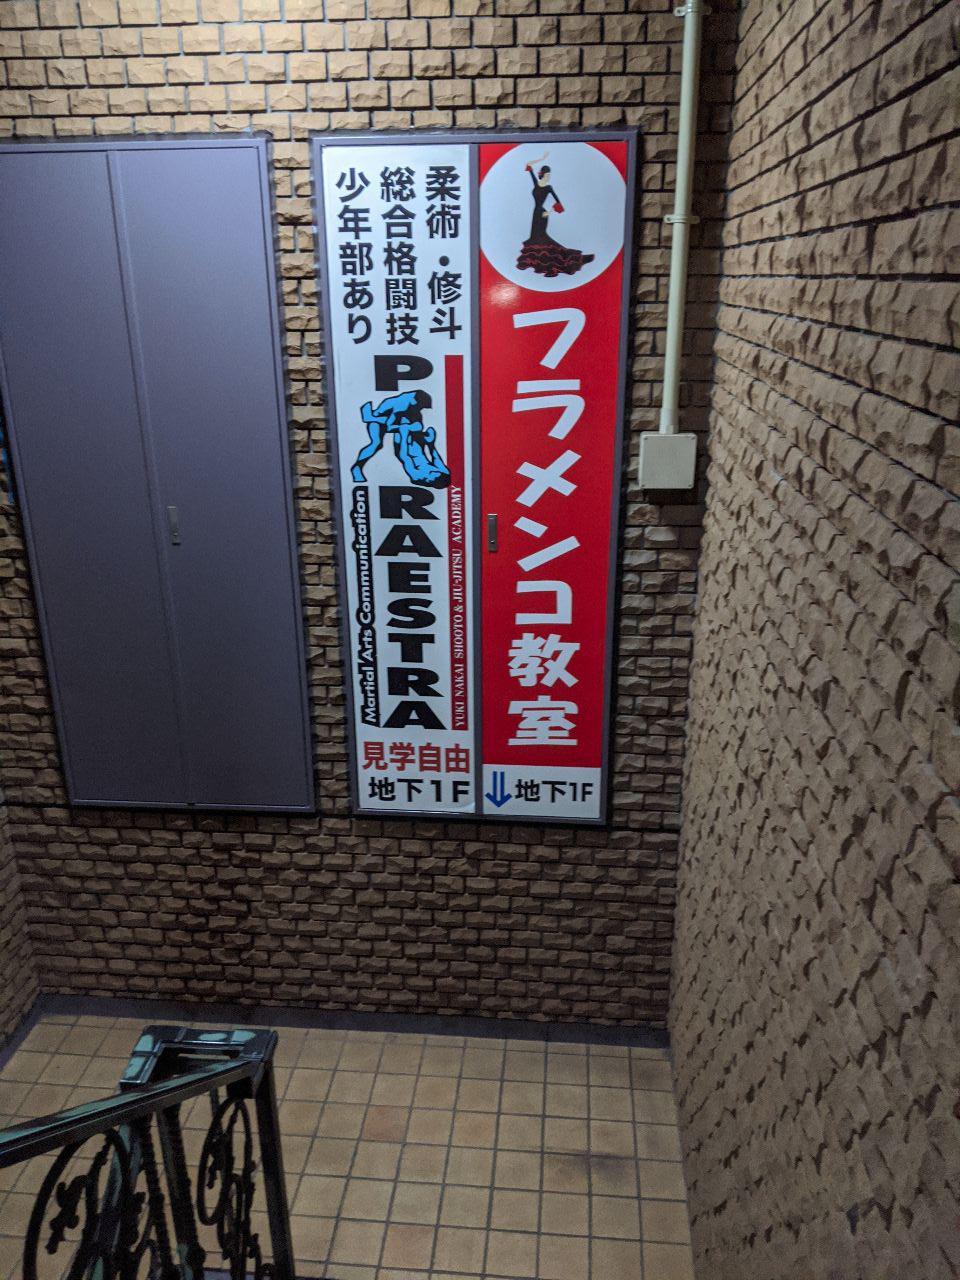 Jiu Jitsu 2